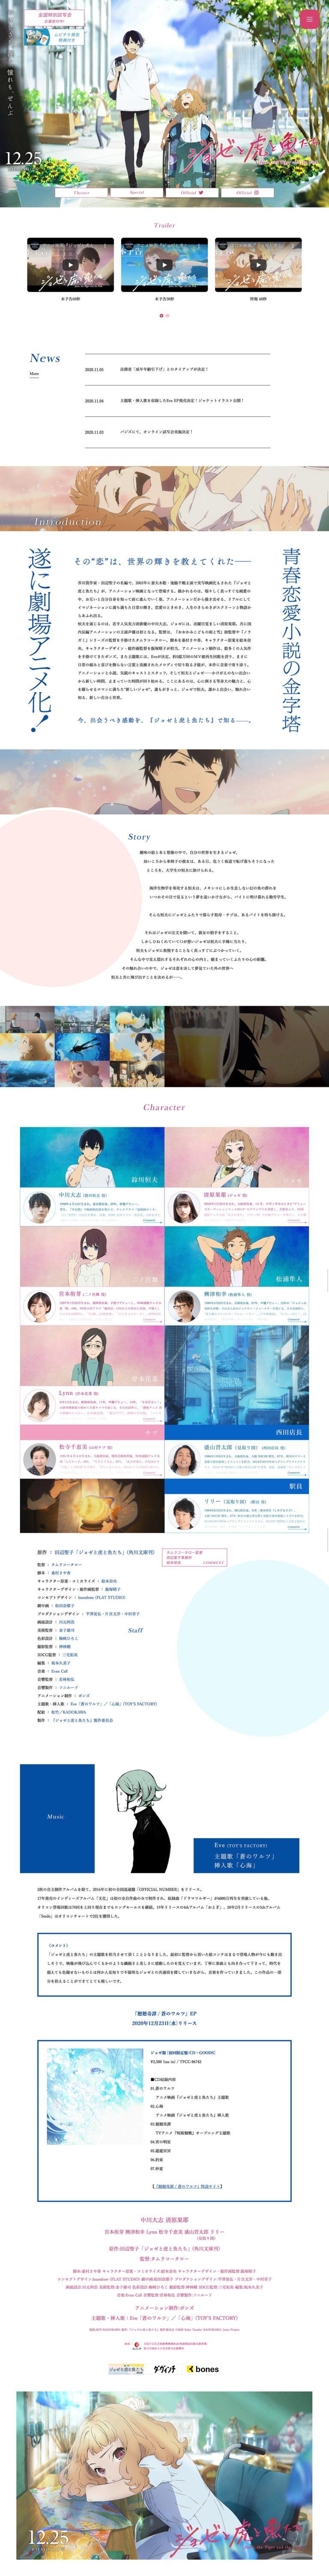 アニメ映画『ジョゼと虎と魚たち』公式サイト